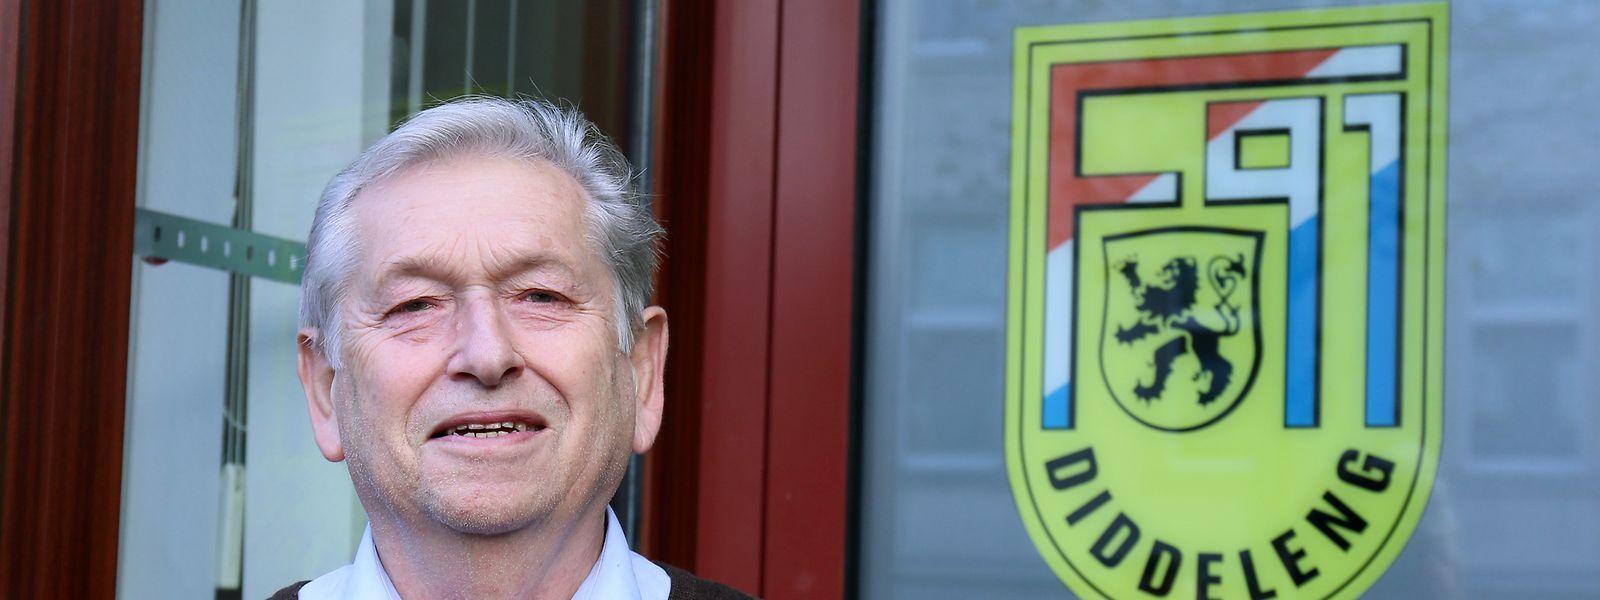 Théo Fellerich ist seit 1992 Vorstandsmitglied bei F91 Düdelingen.